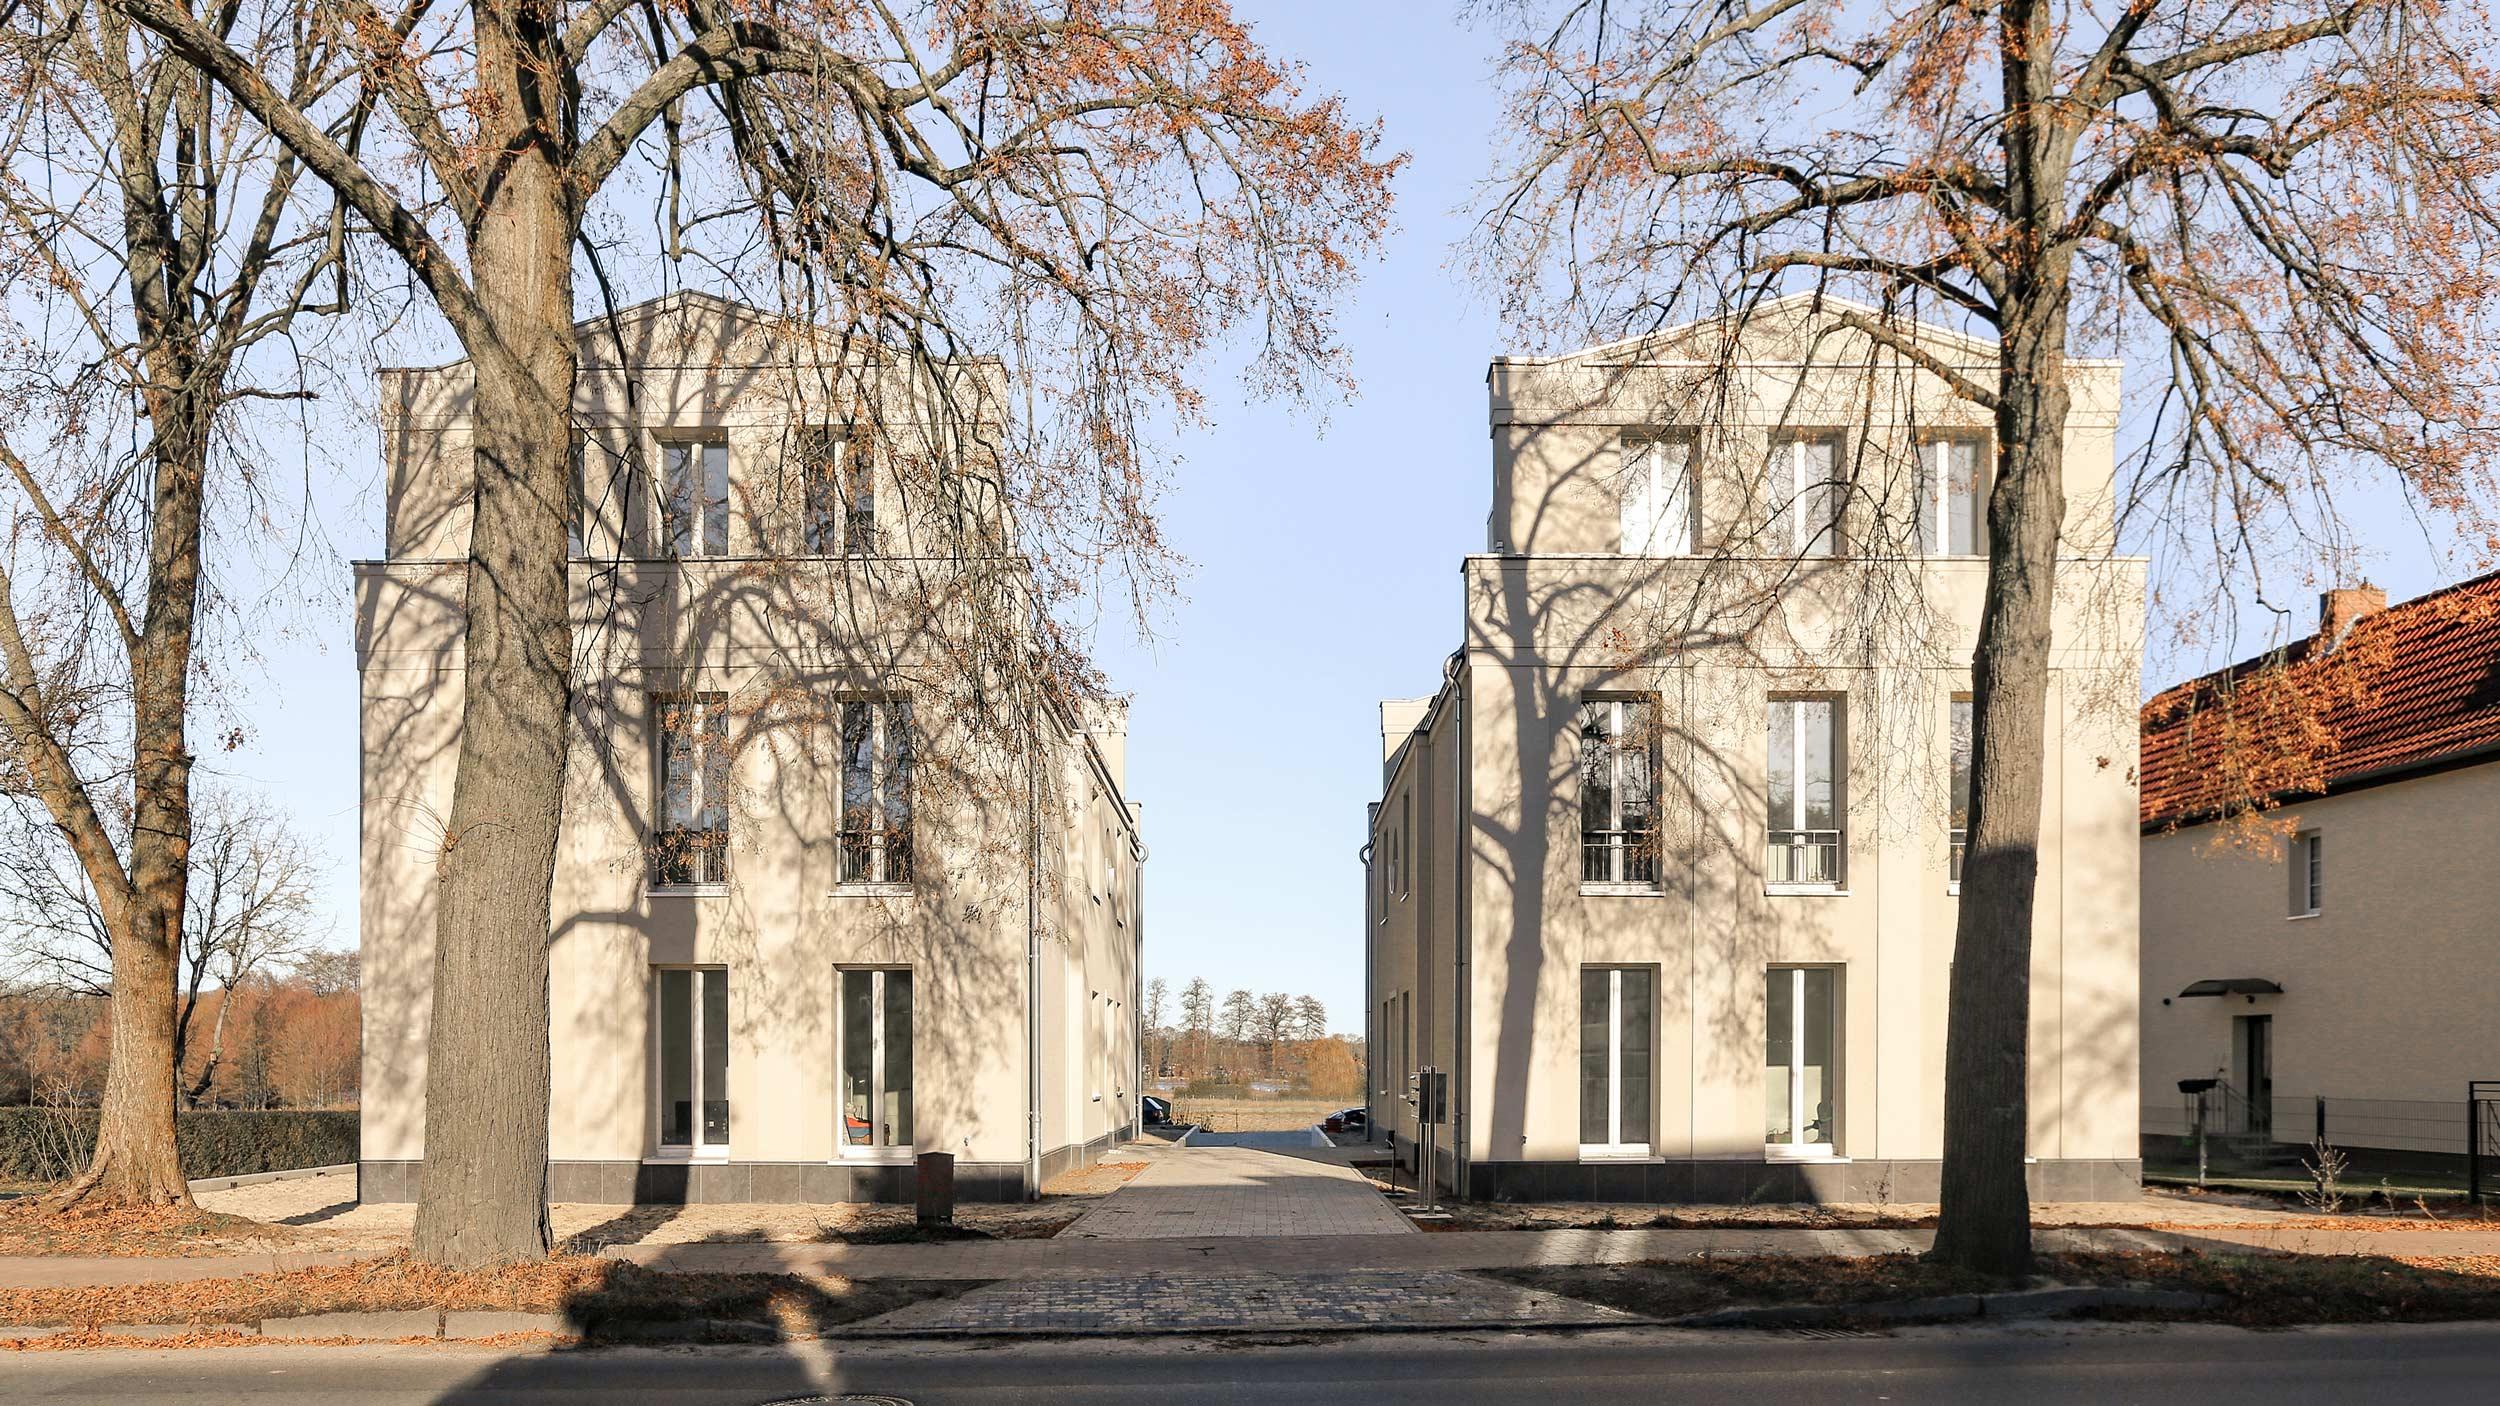 Neubau von Eigentumswohnungen im traditionellen Stil Berlin - Die beiden Mehrfamilienwohnhäuser liegen an einer gemeinsamen Piazza.